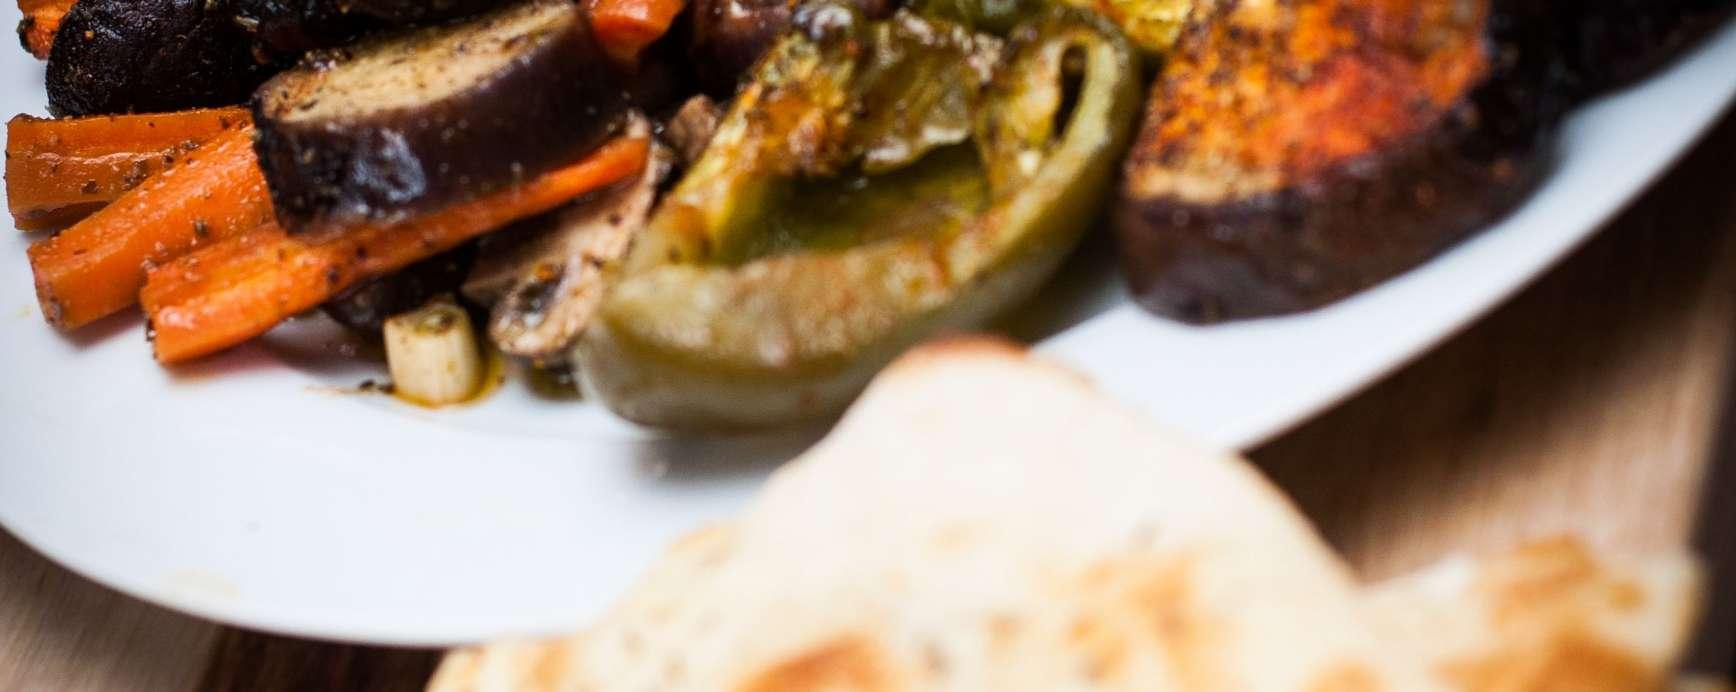 Antipasto avec salade d'aubergines grillées et de paprika